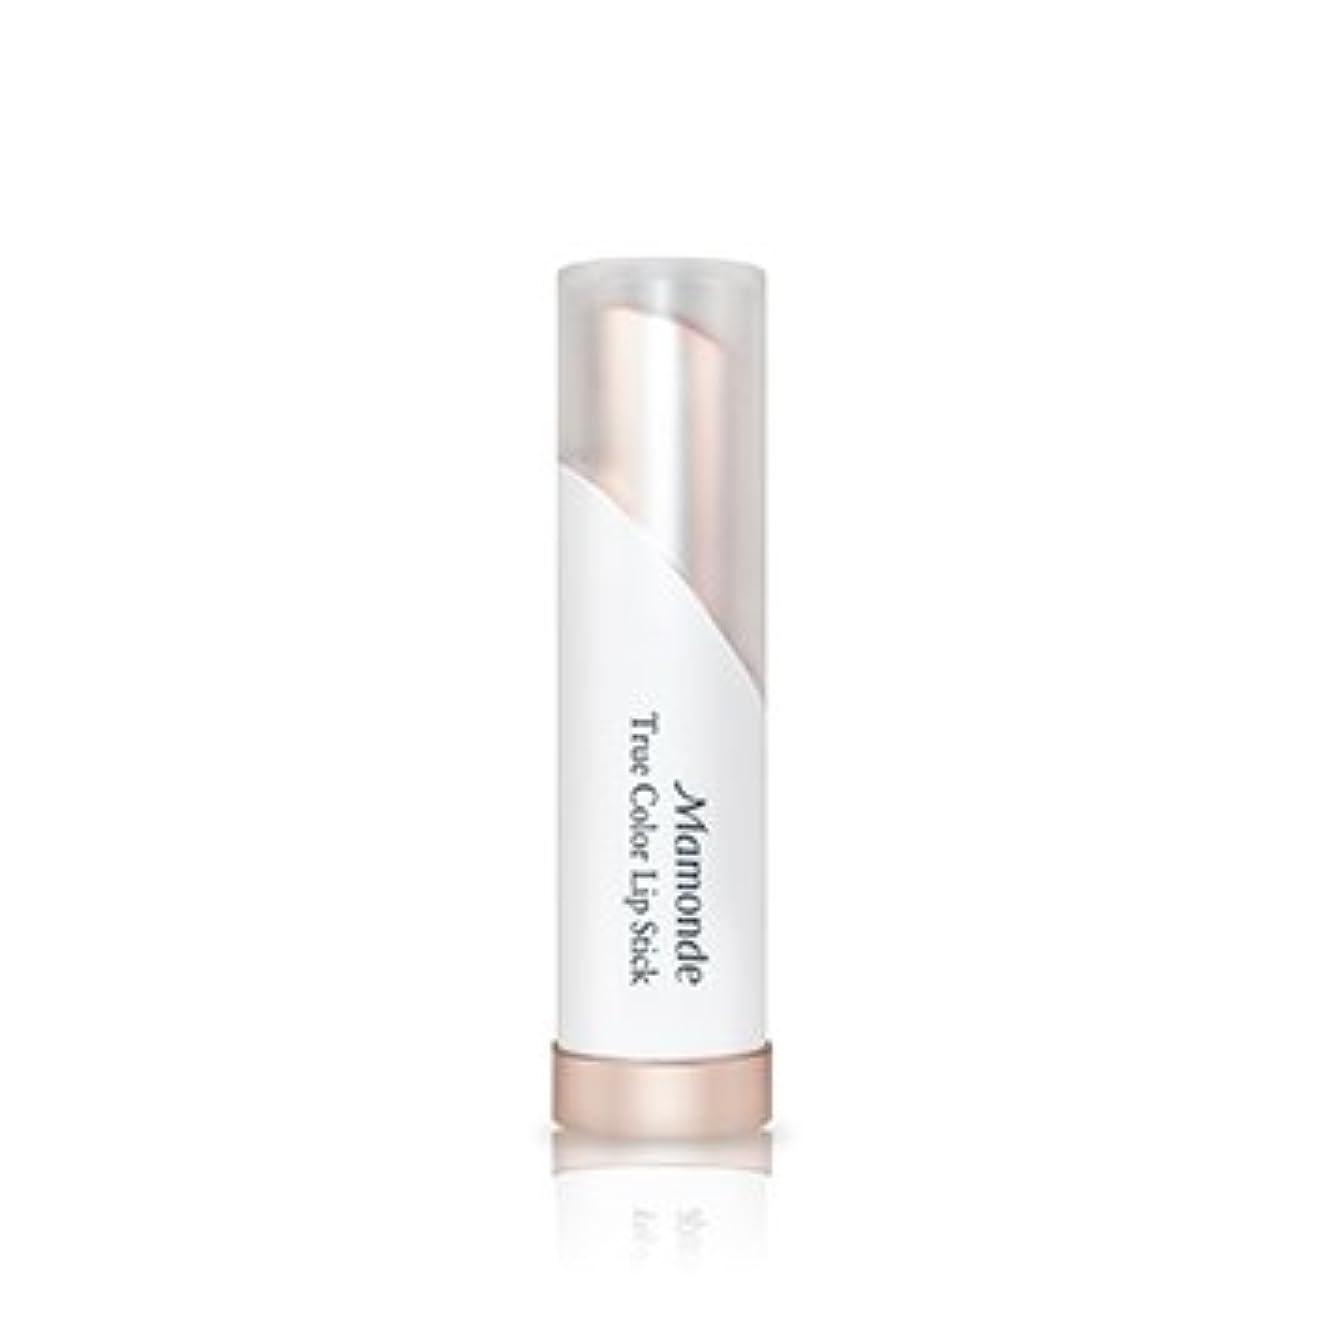 説得あそこ魔女[New] Mamonde True Color Lip Stick 3.5g/マモンド トゥルー カラー リップスティック 3.5g (#10 Happy Orange) [並行輸入品]